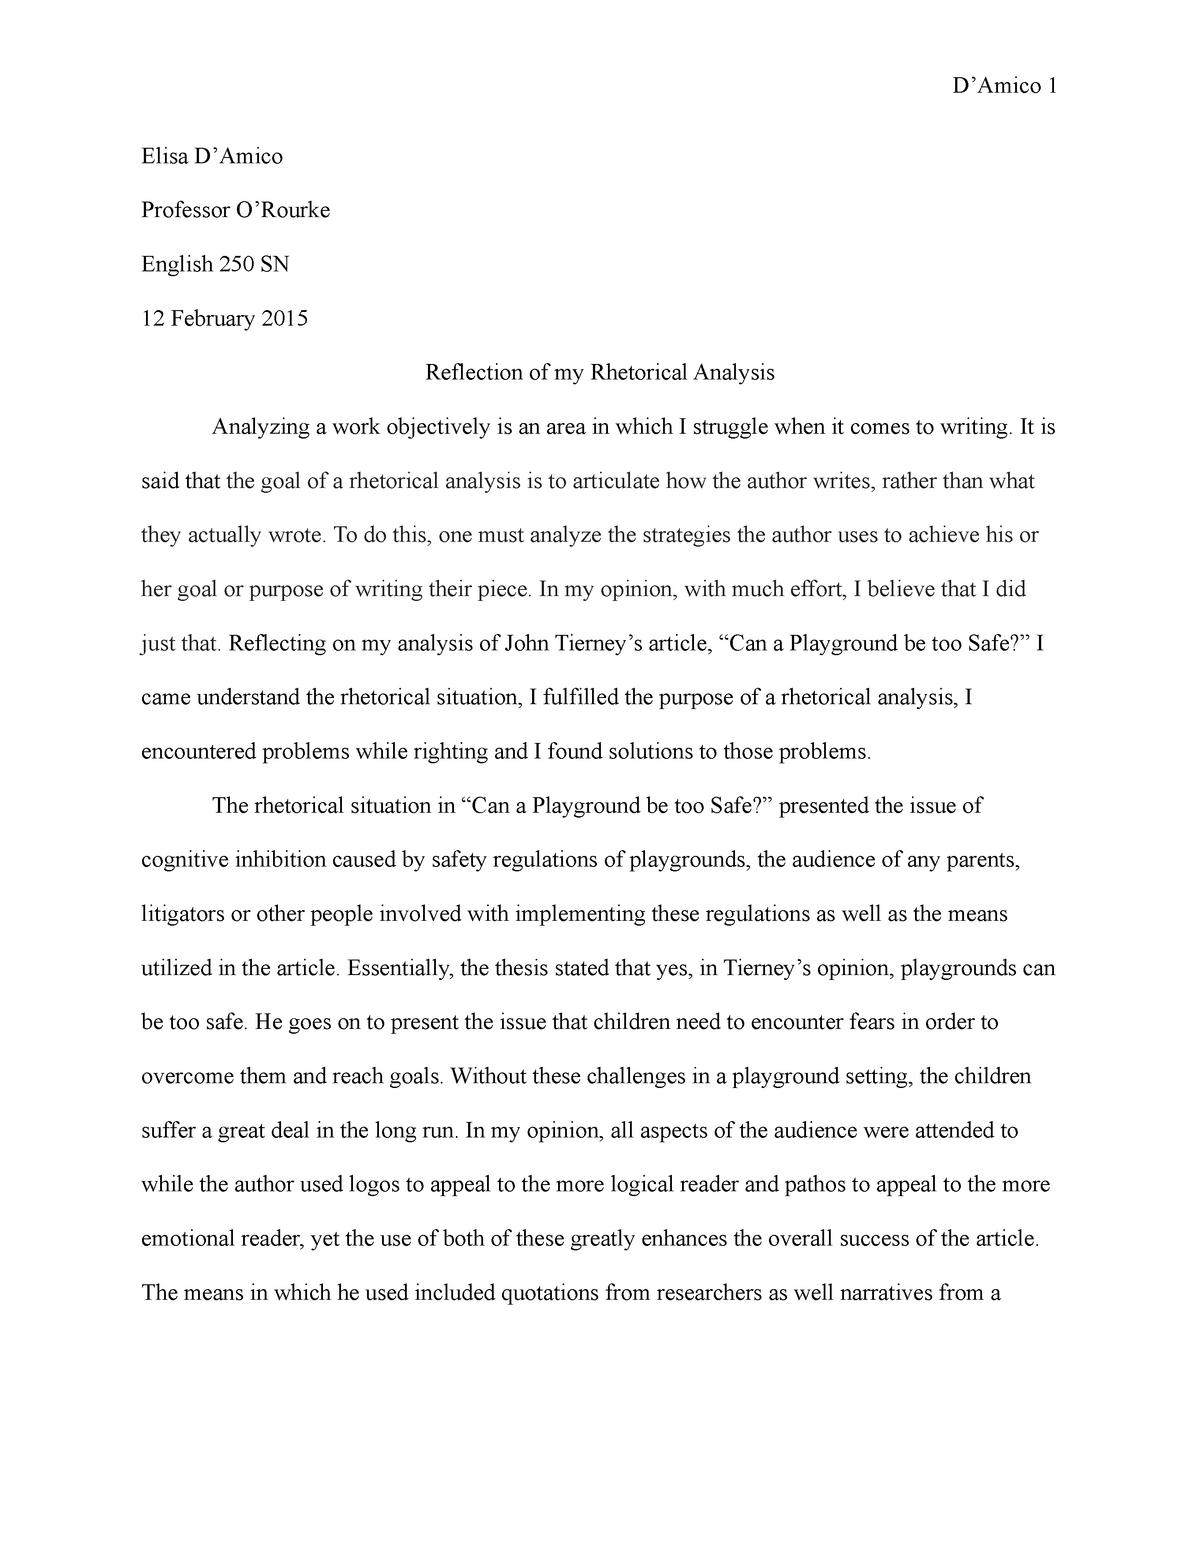 Writing A Rhetorical Essay